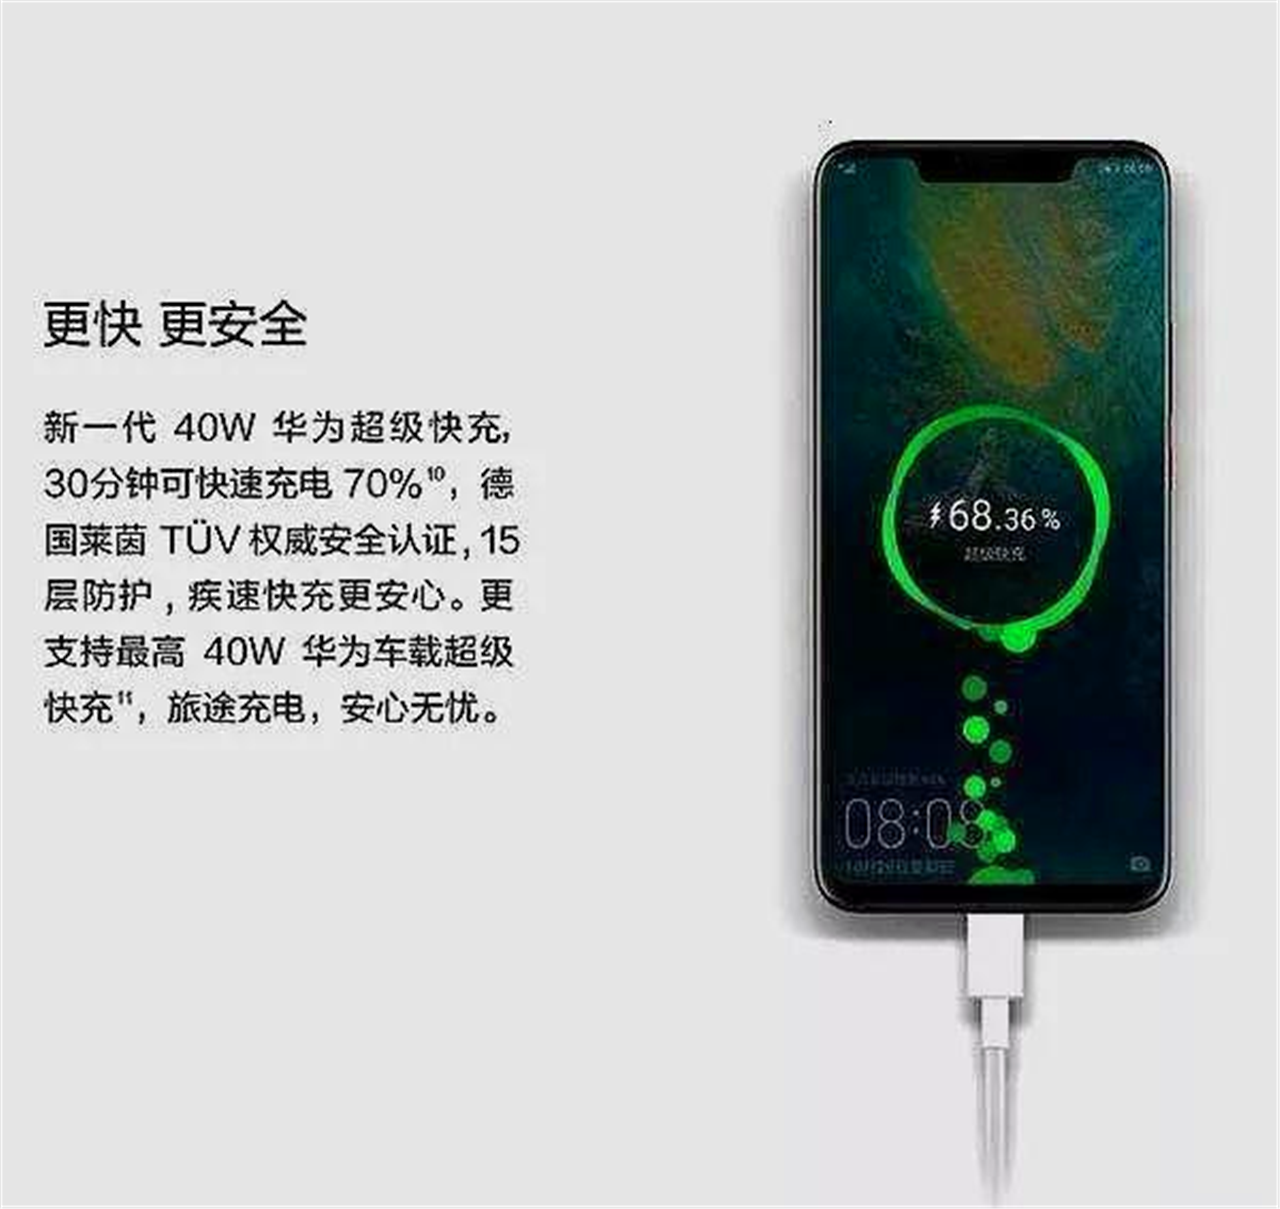 目前充电速度最快手机:小米华为并列,OPPO最猛